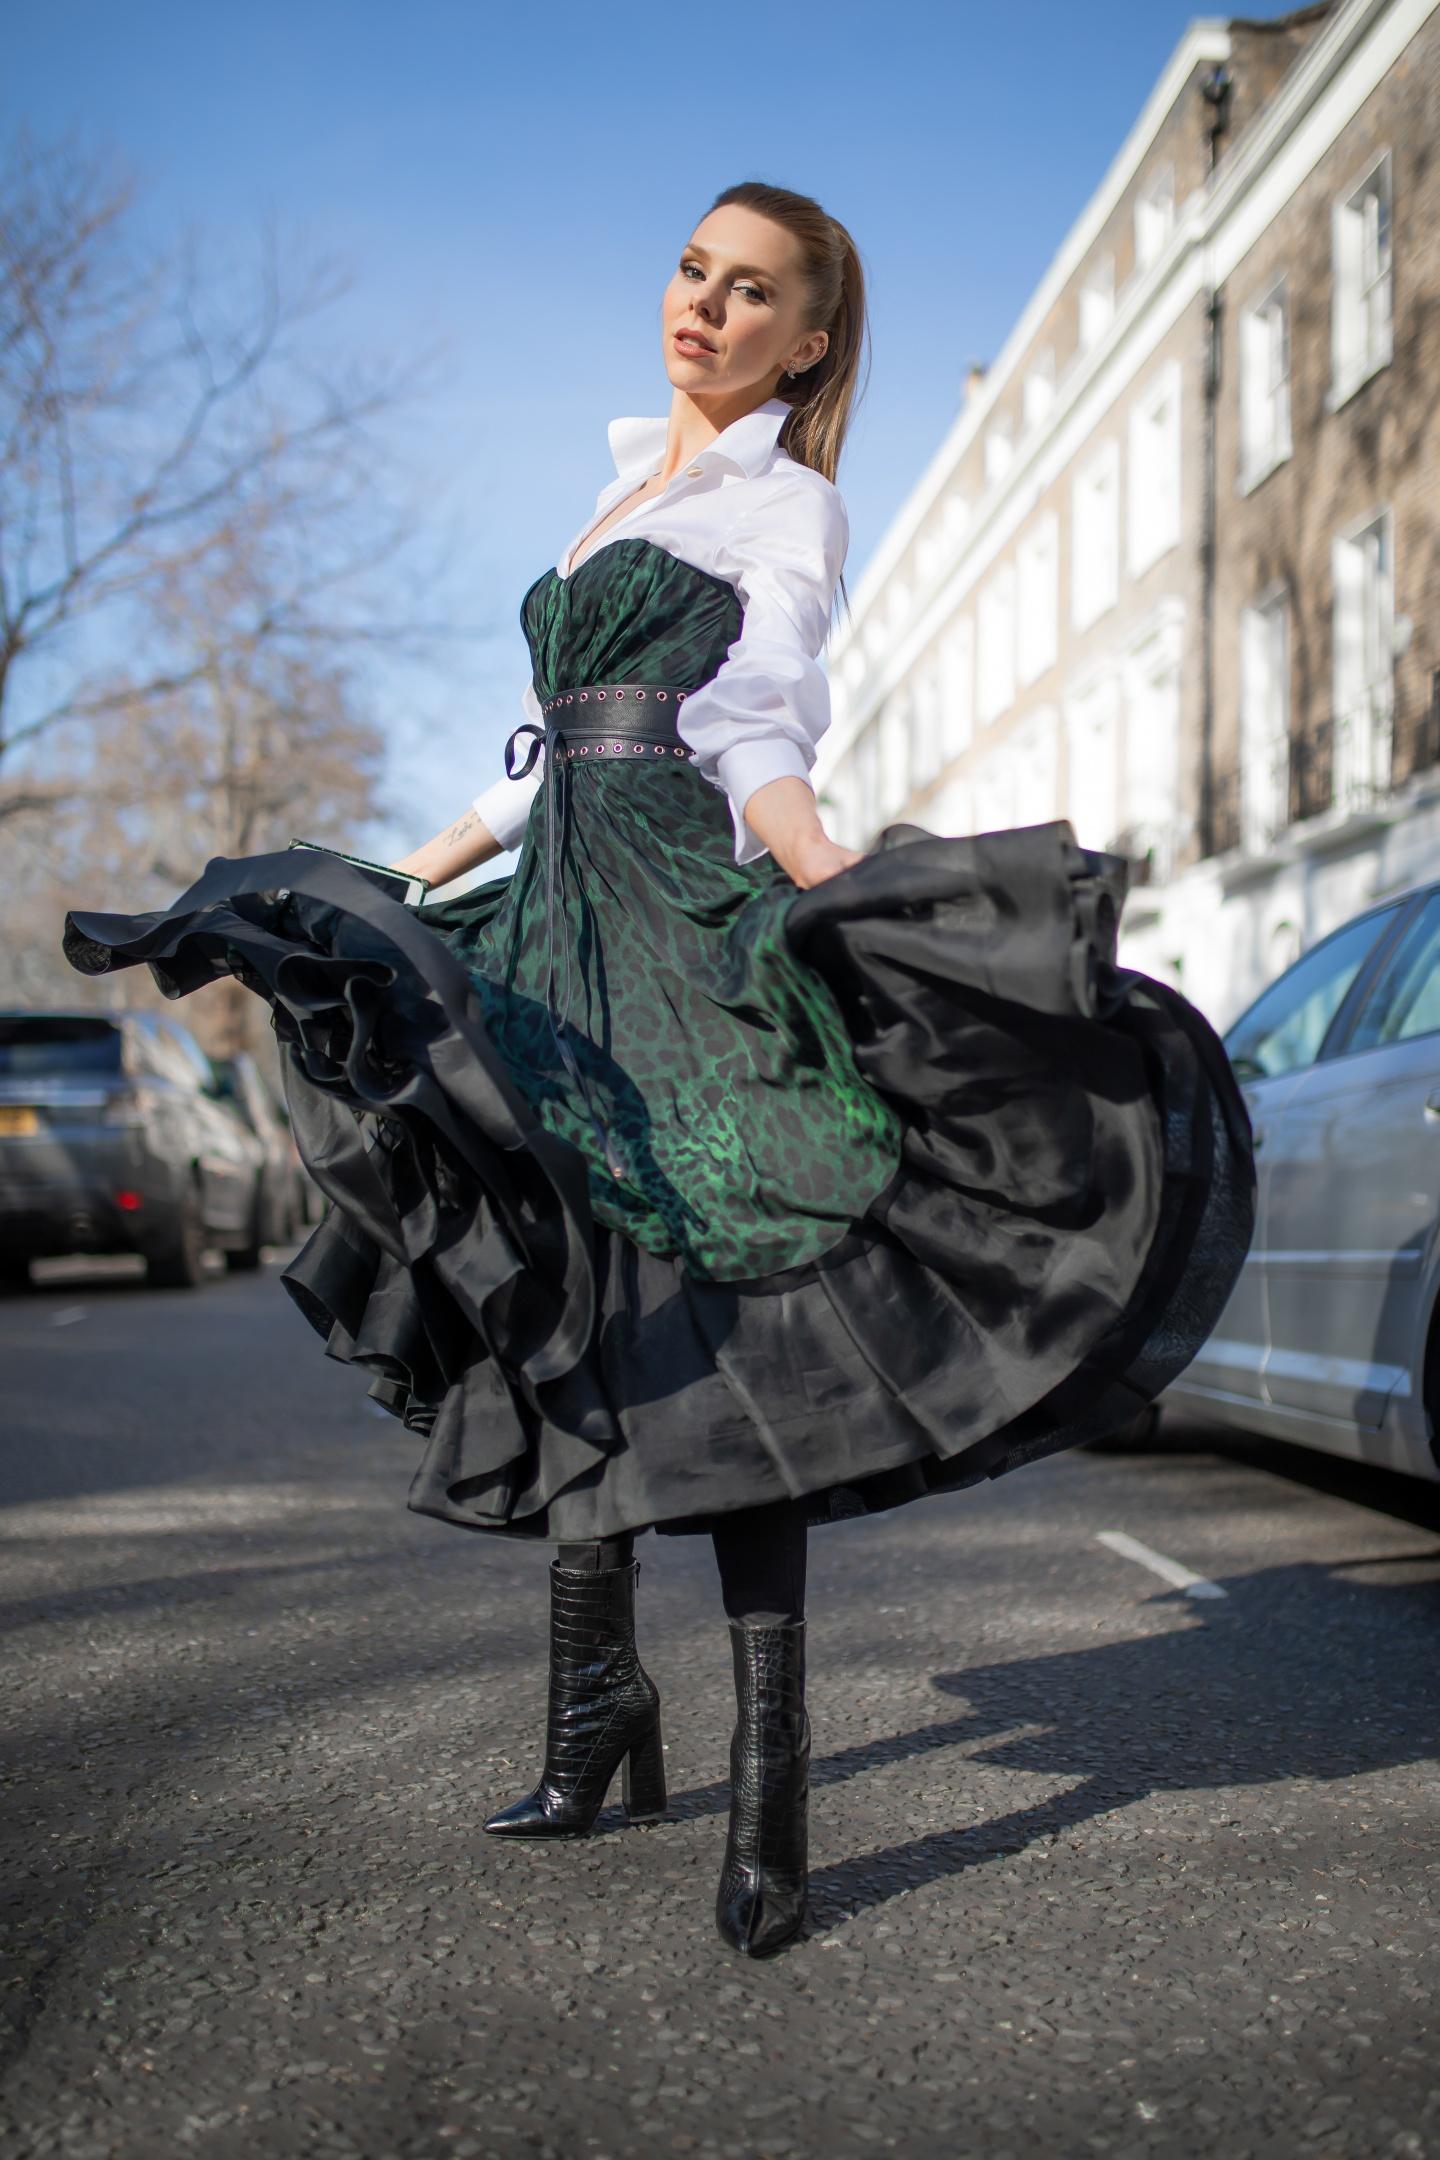 london fashion week, lfw, london fashion week street style, fashion, aw19, dolce & gabbana, prada , designer exchange, we buy designer